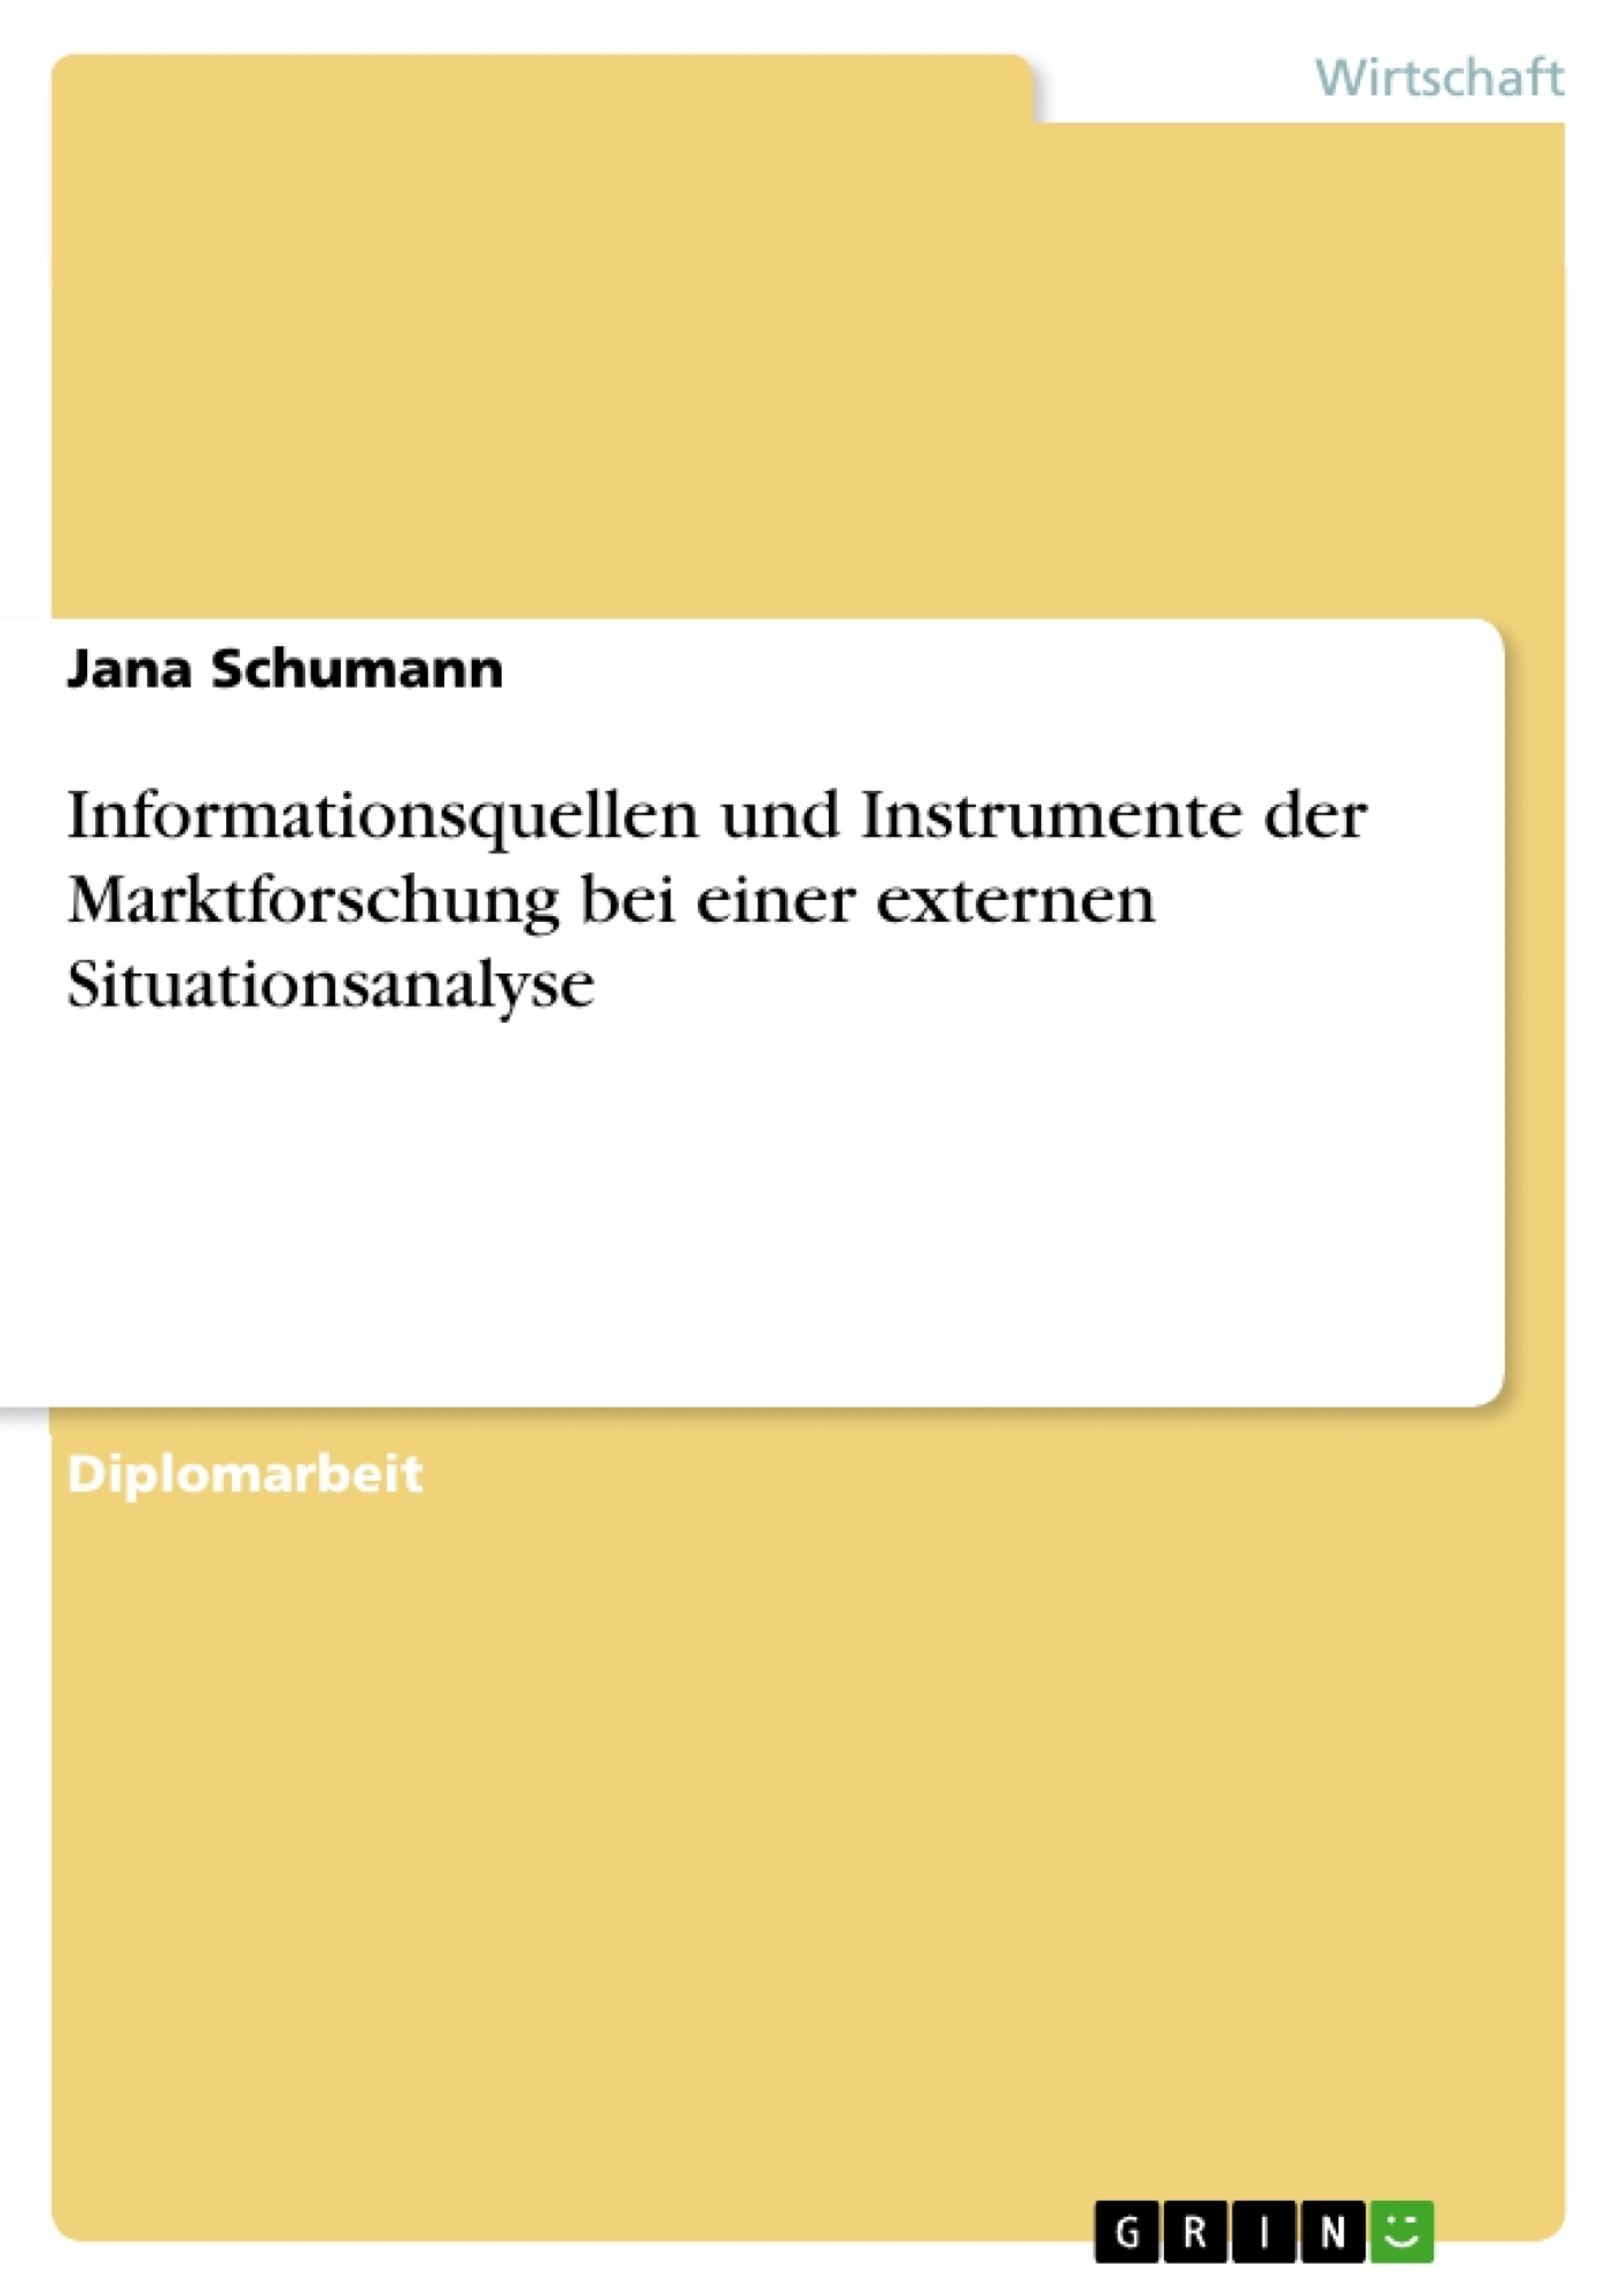 Titel: Informationsquellen und Instrumente der Marktforschung bei einer externen Situationsanalyse